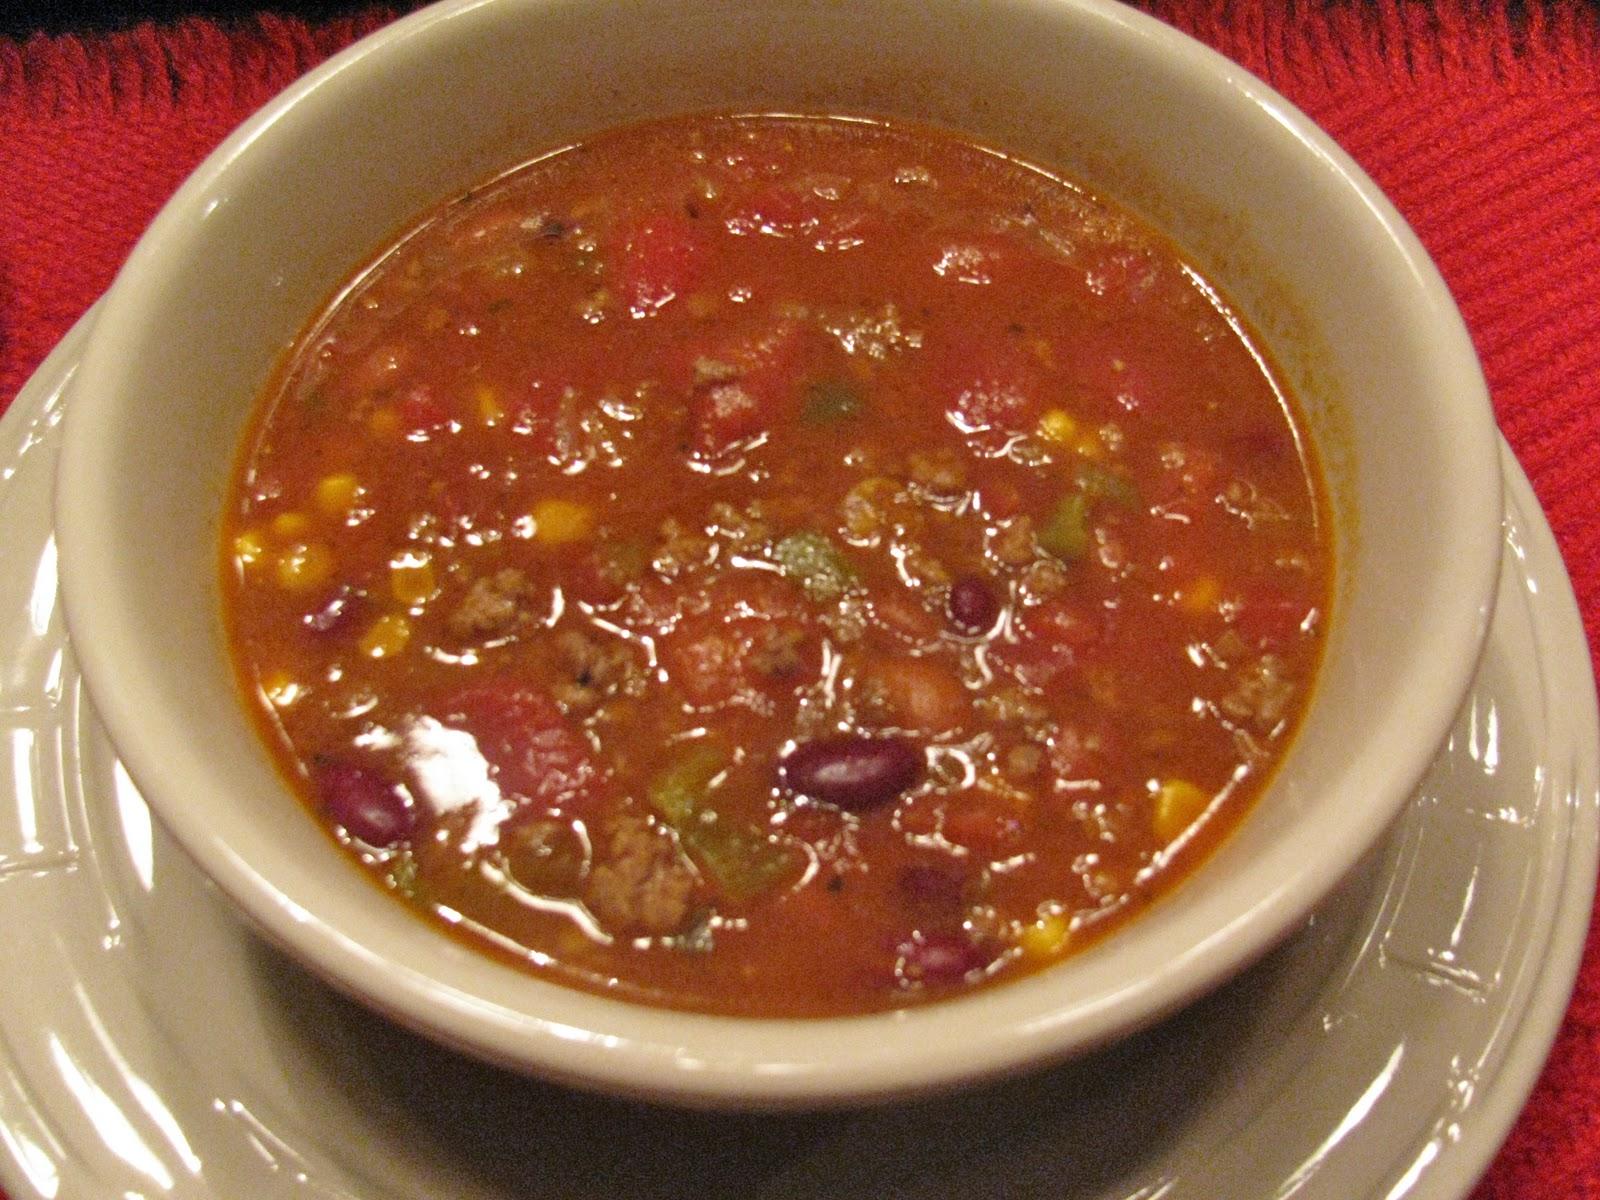 Rita's Recipes: Taco Soup